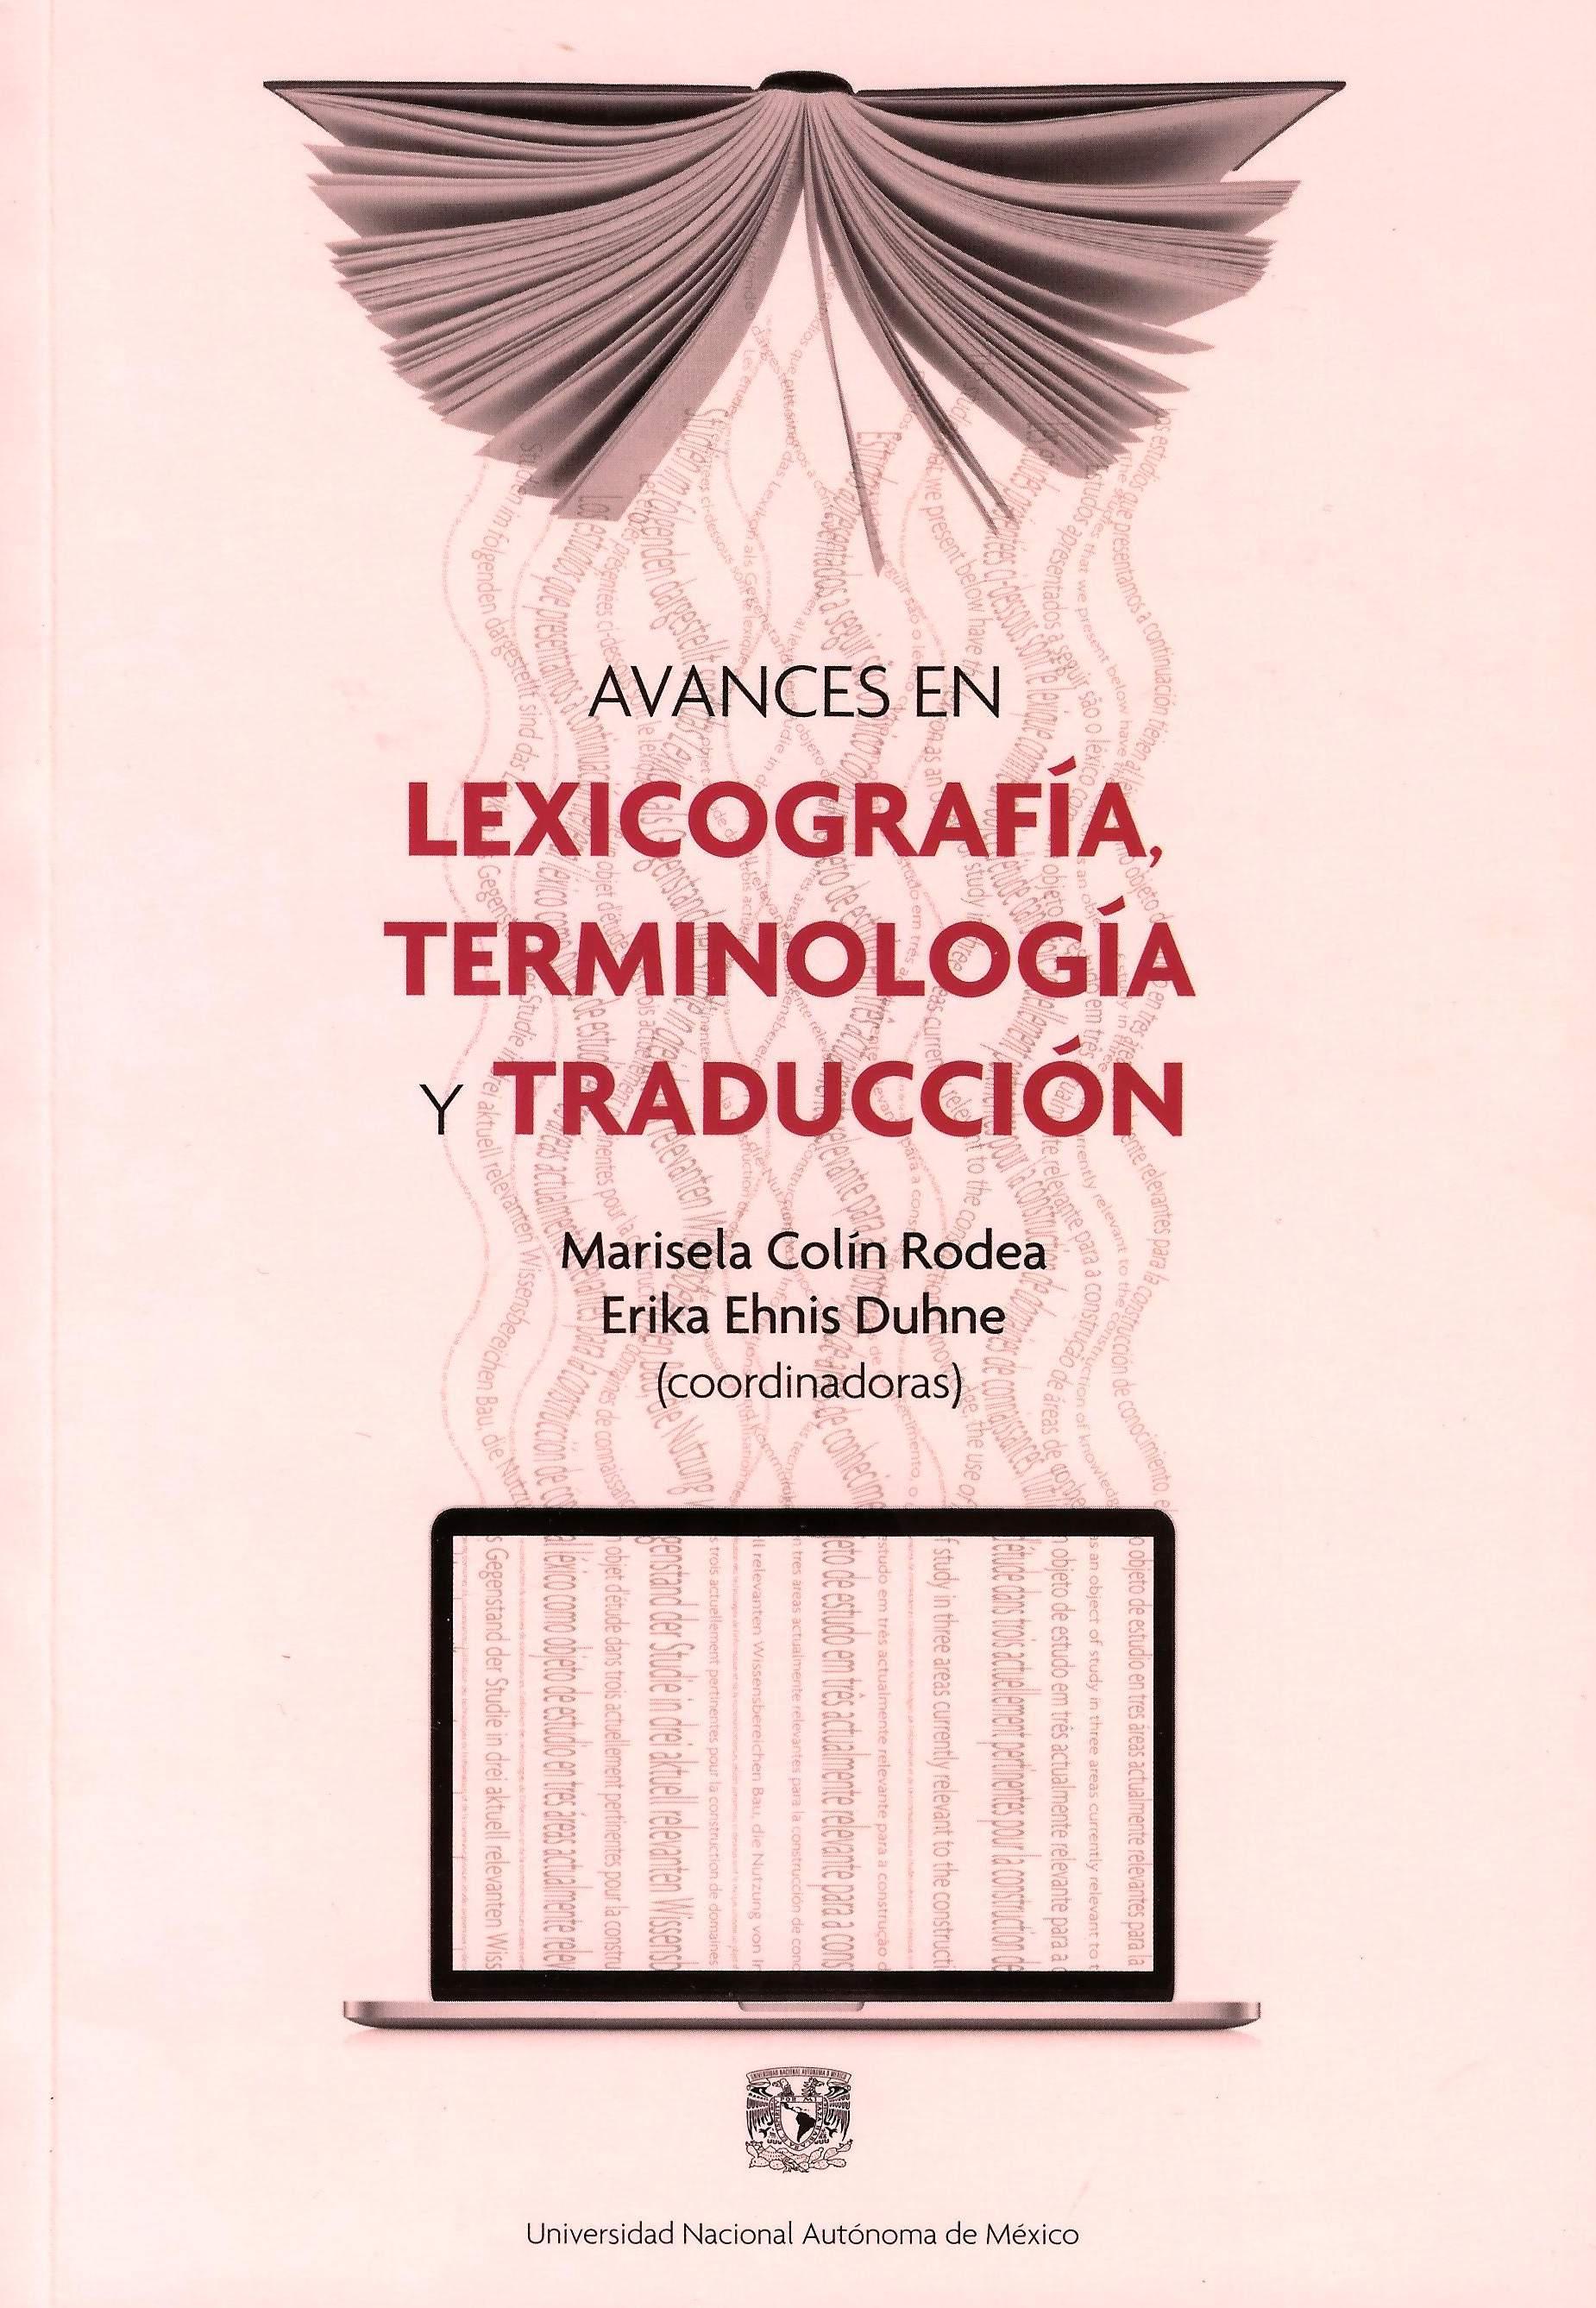 Avances en lexicografía, terminología y traducción